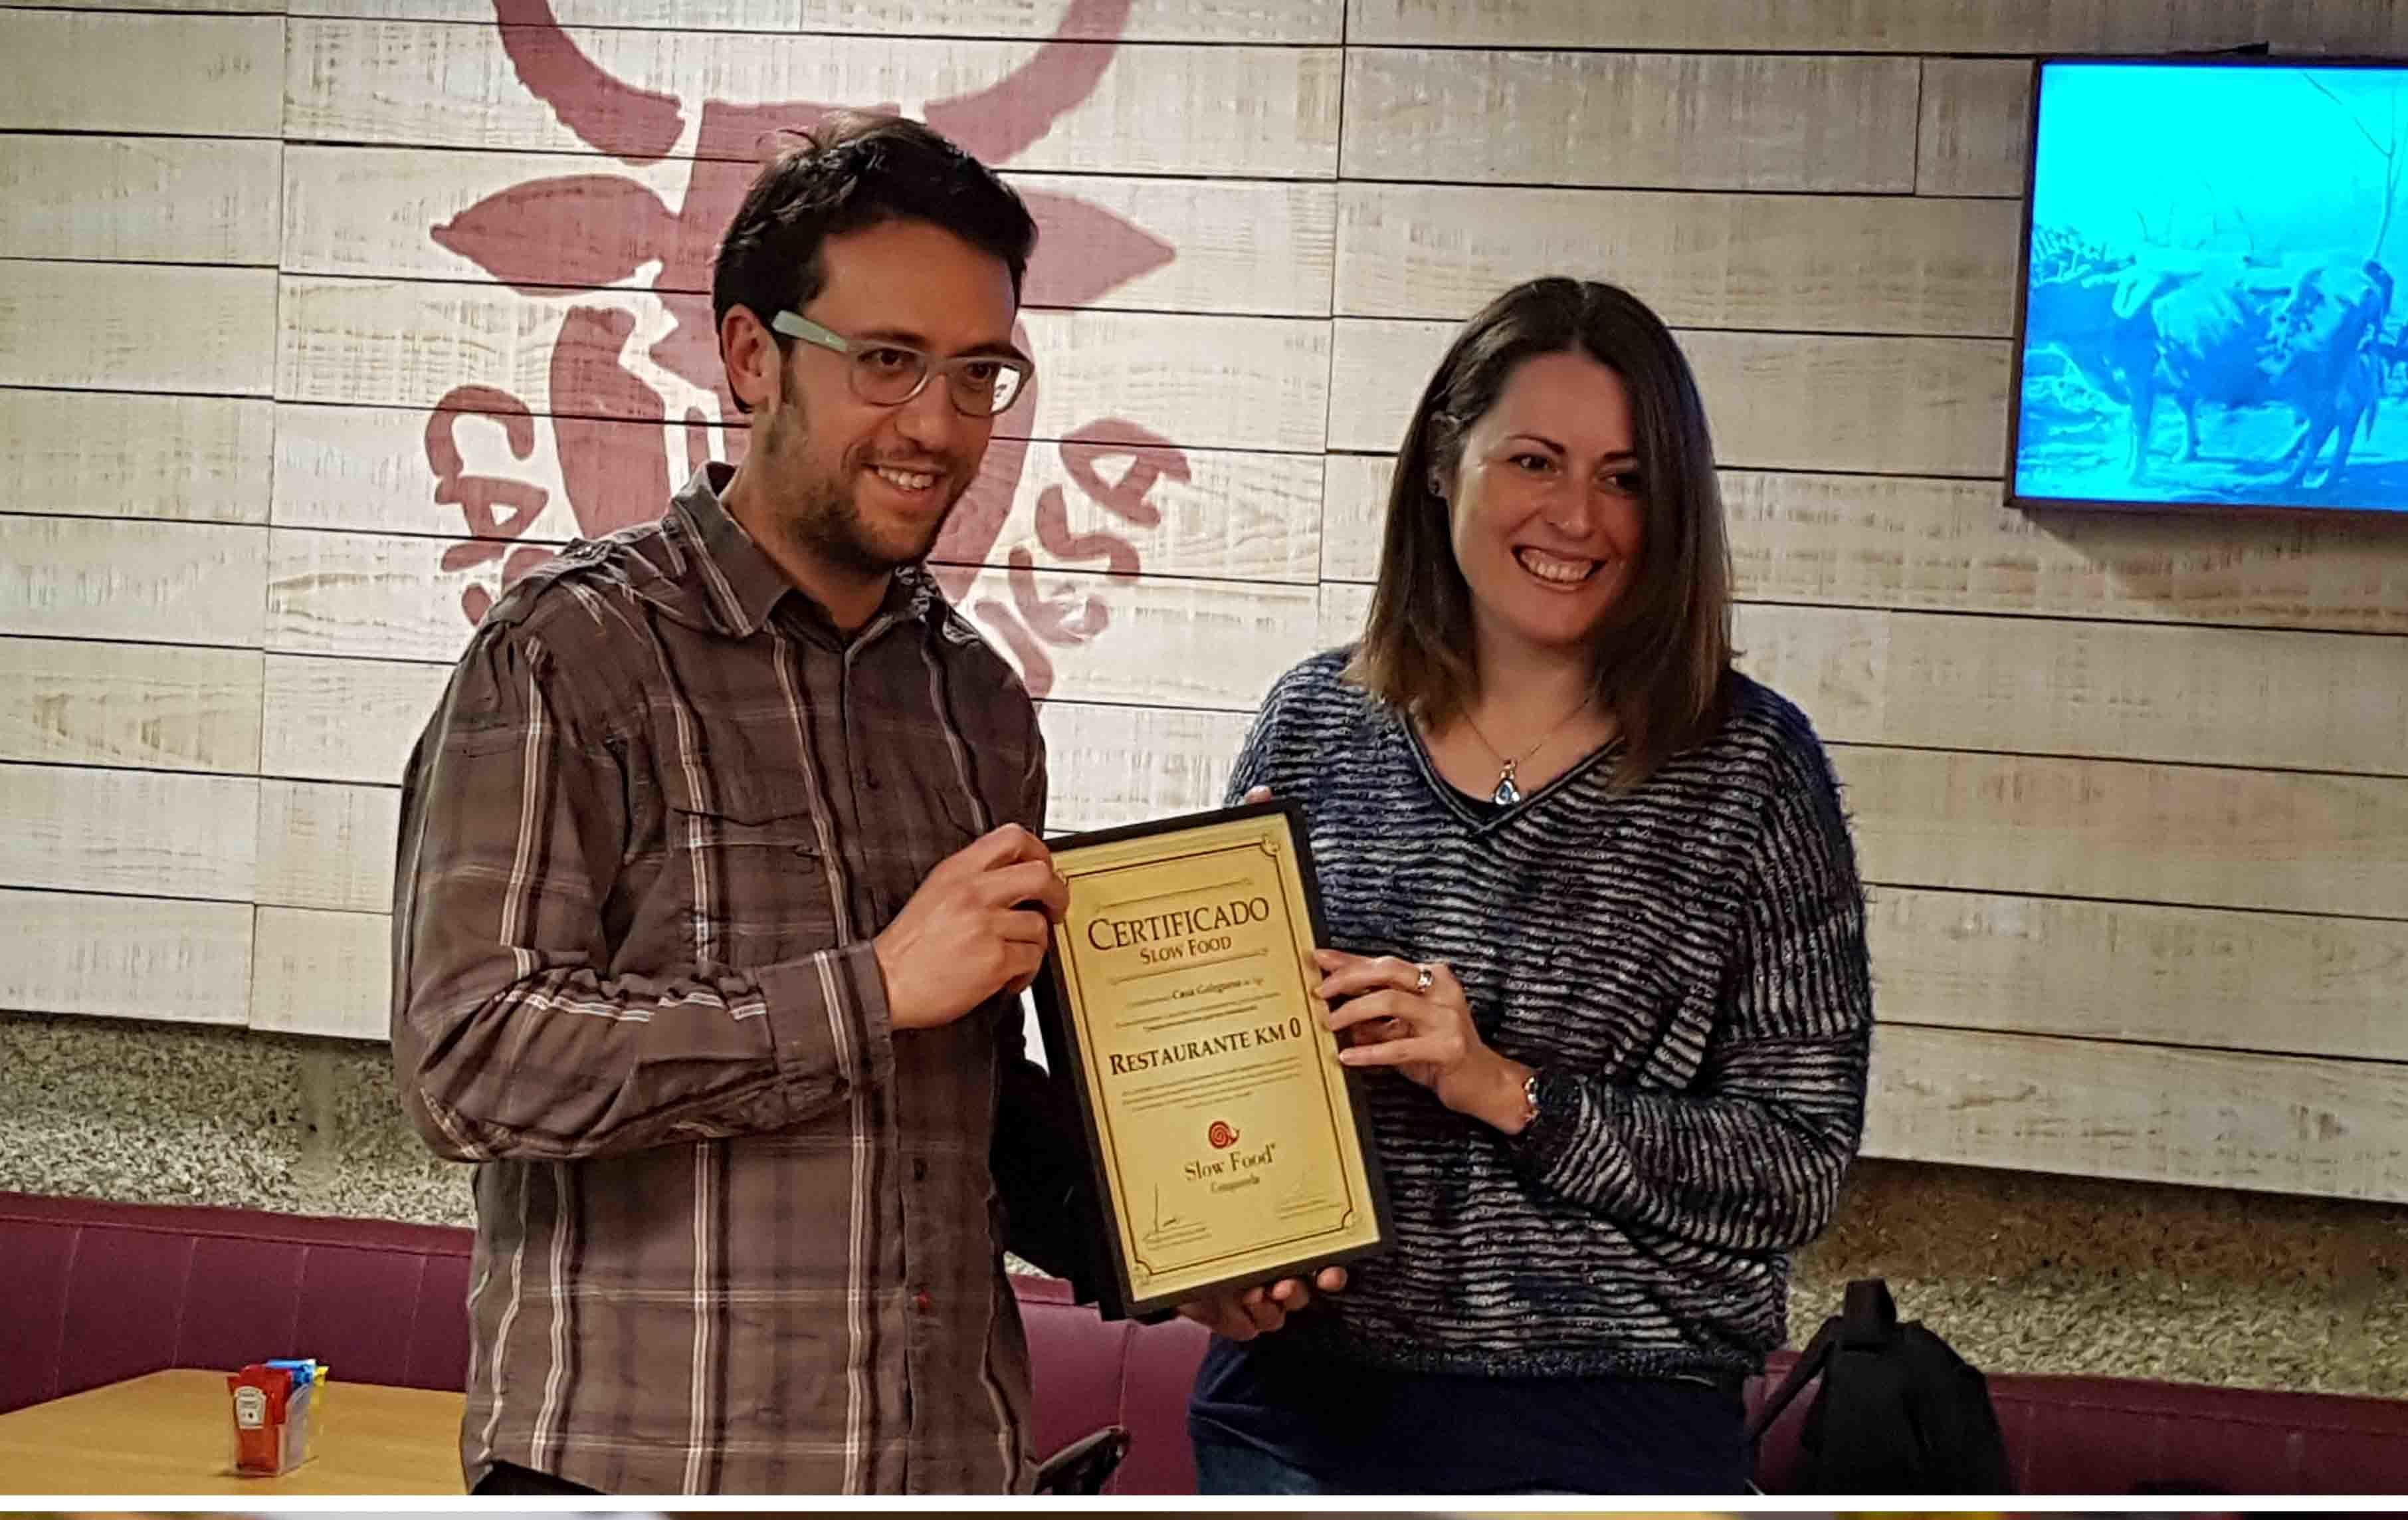 Galeguesa Vigo, aniversario e certificado Km0